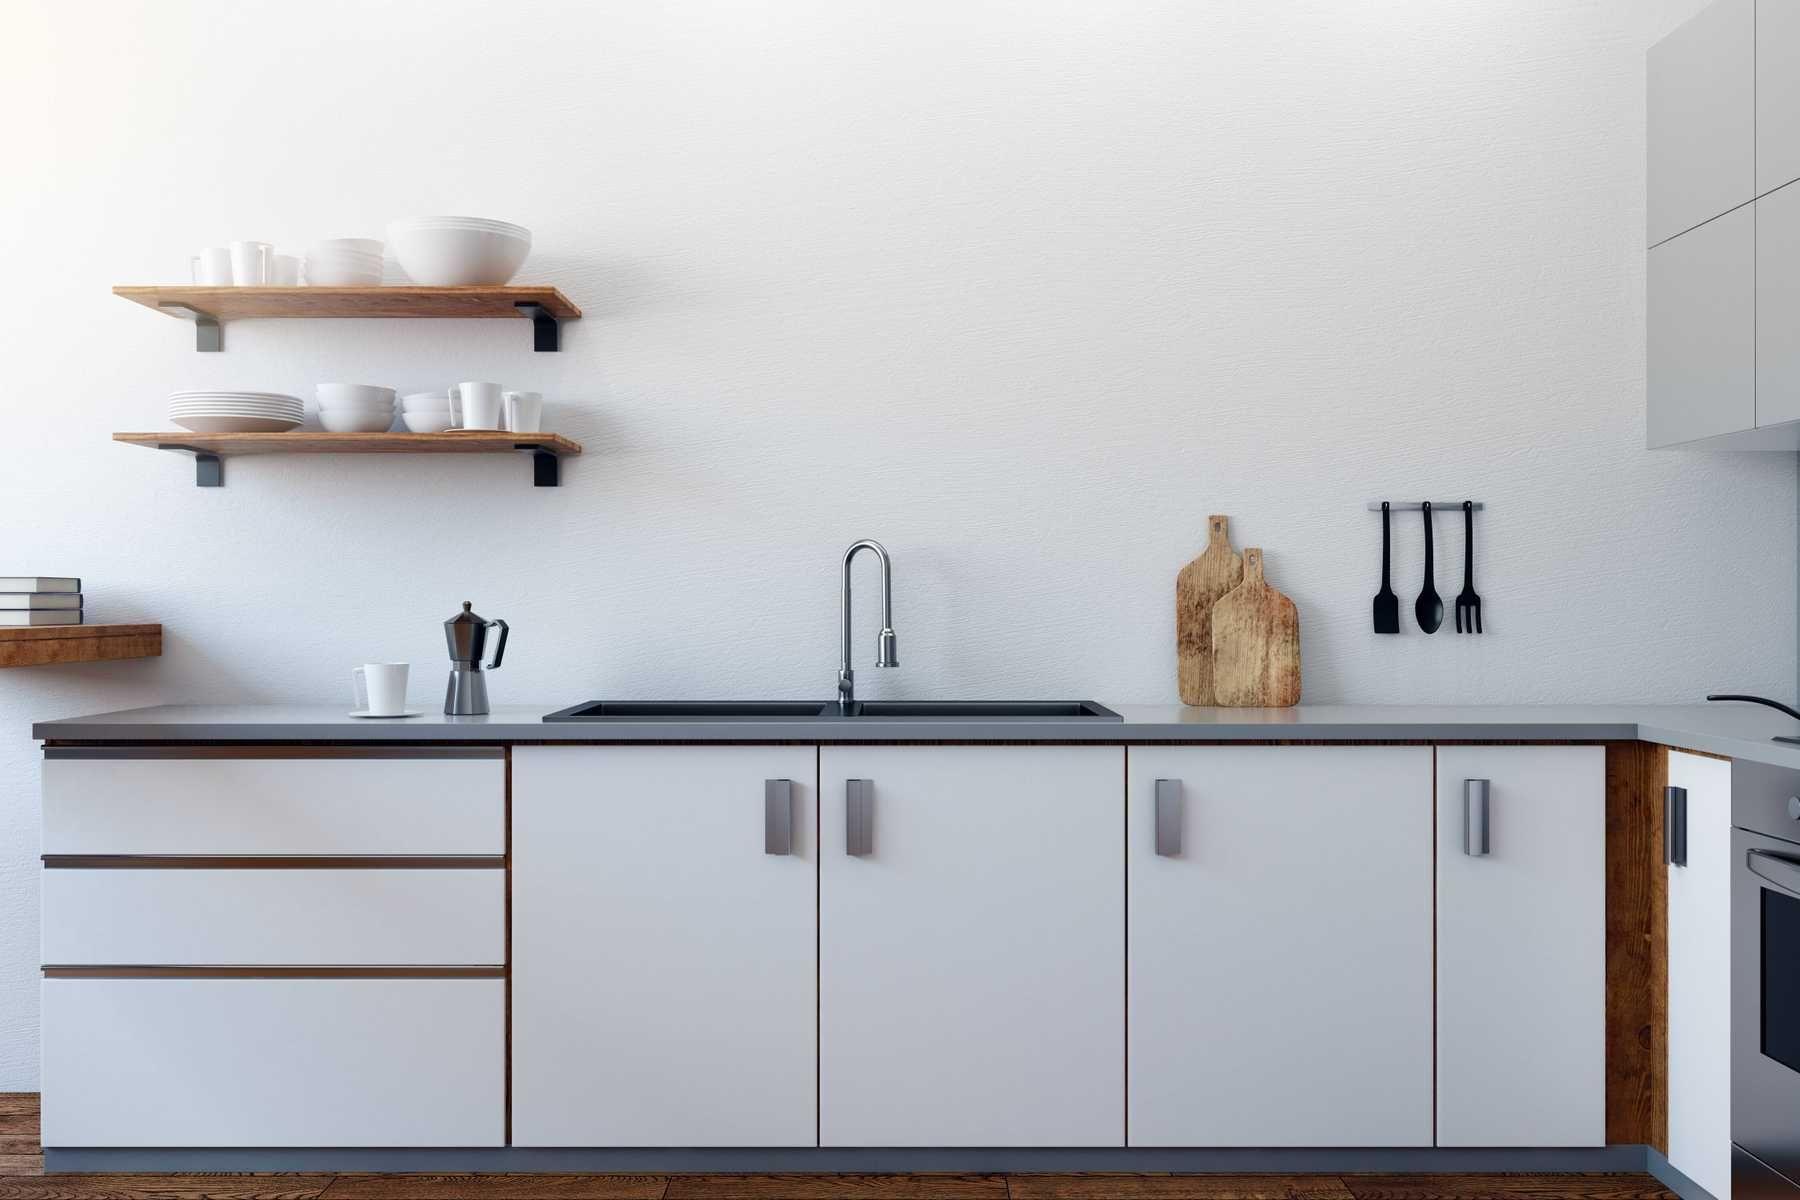 trang trí nhà bếp với kệ gỗ treo tường